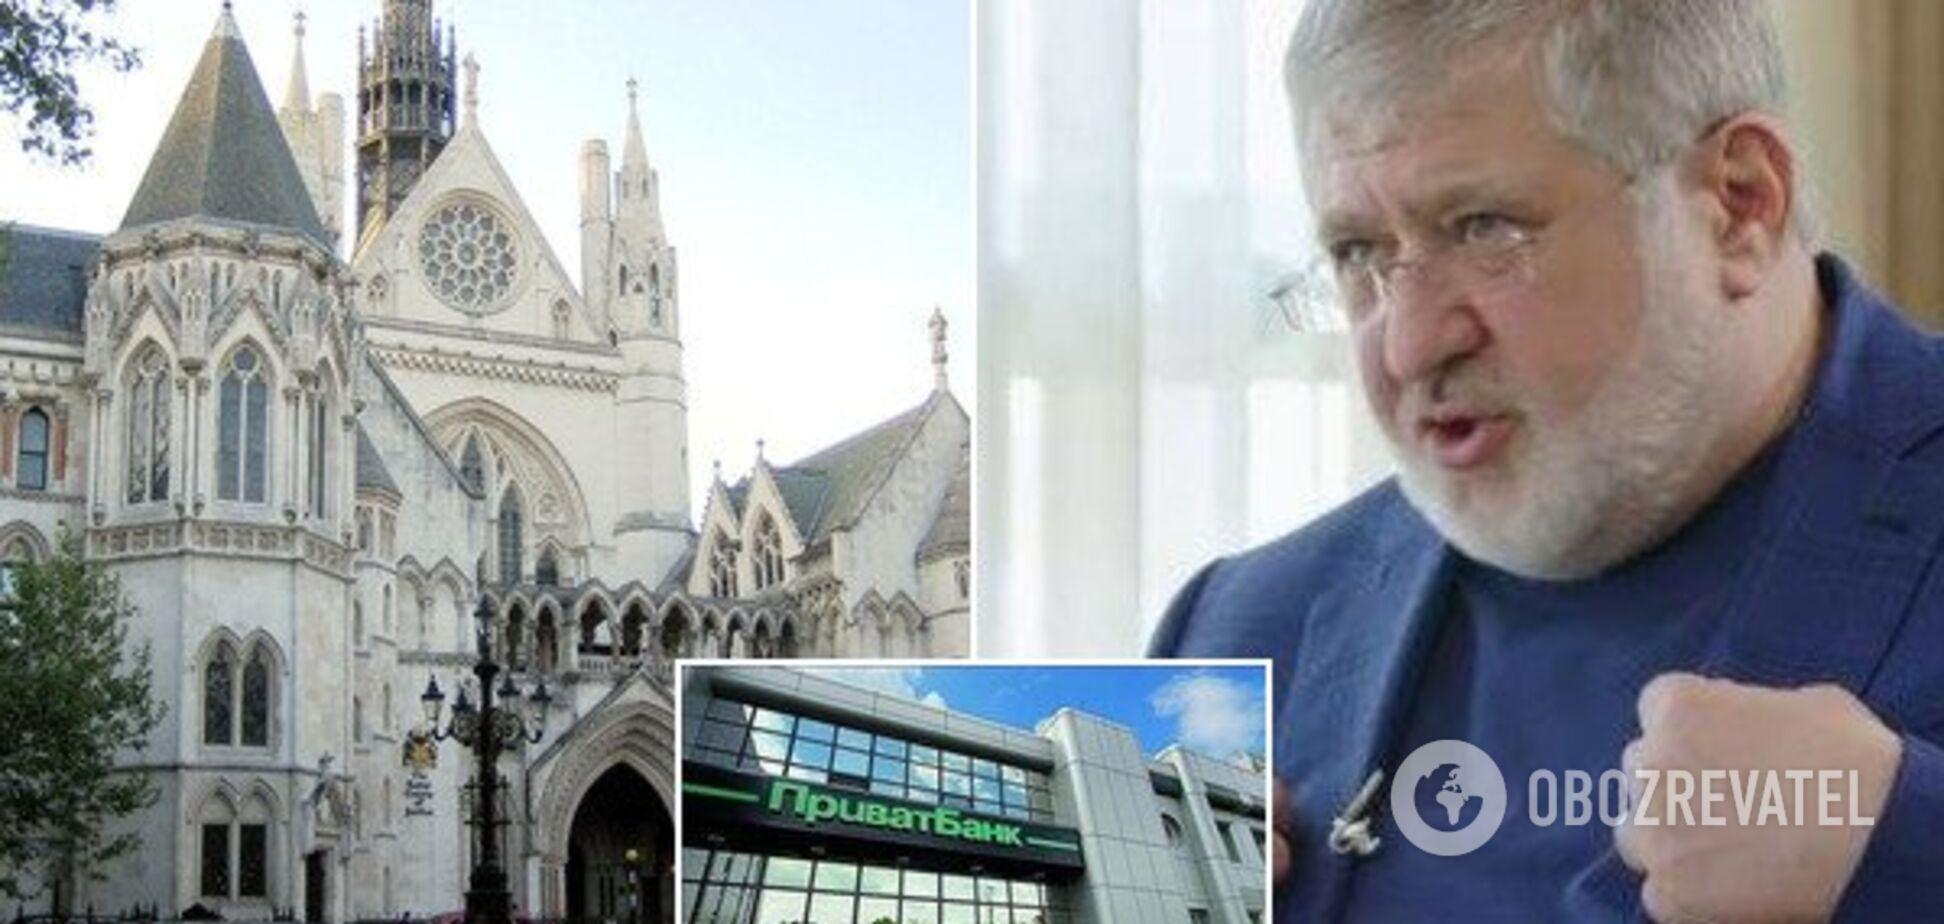 ПриватБанк одержал еще одну победу в деле против бывших владельцев